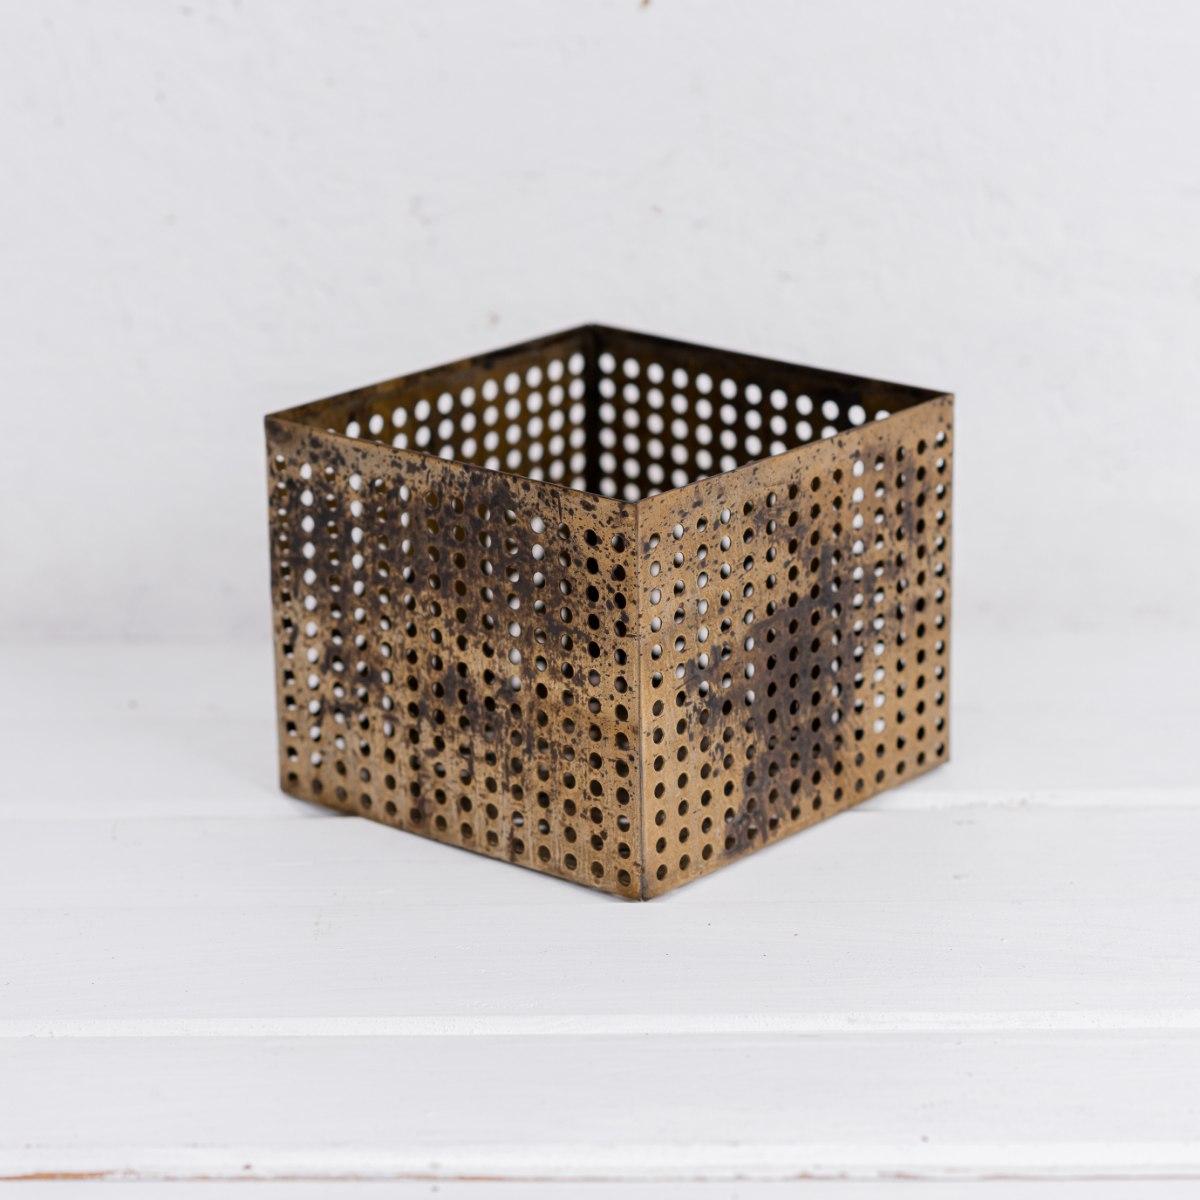 קופסה פתוחה / כלי ממתכת מרובע - זהב L